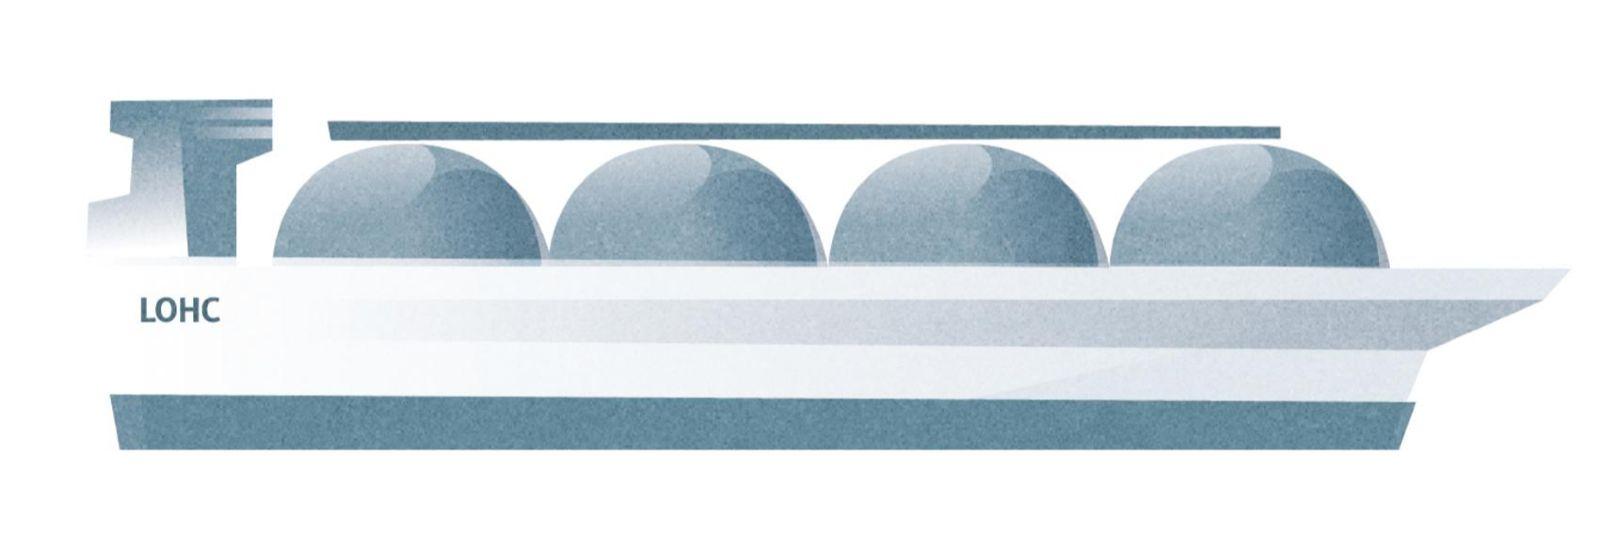 Das Bild zeigt einen mit LOHC beladenes Schiff.